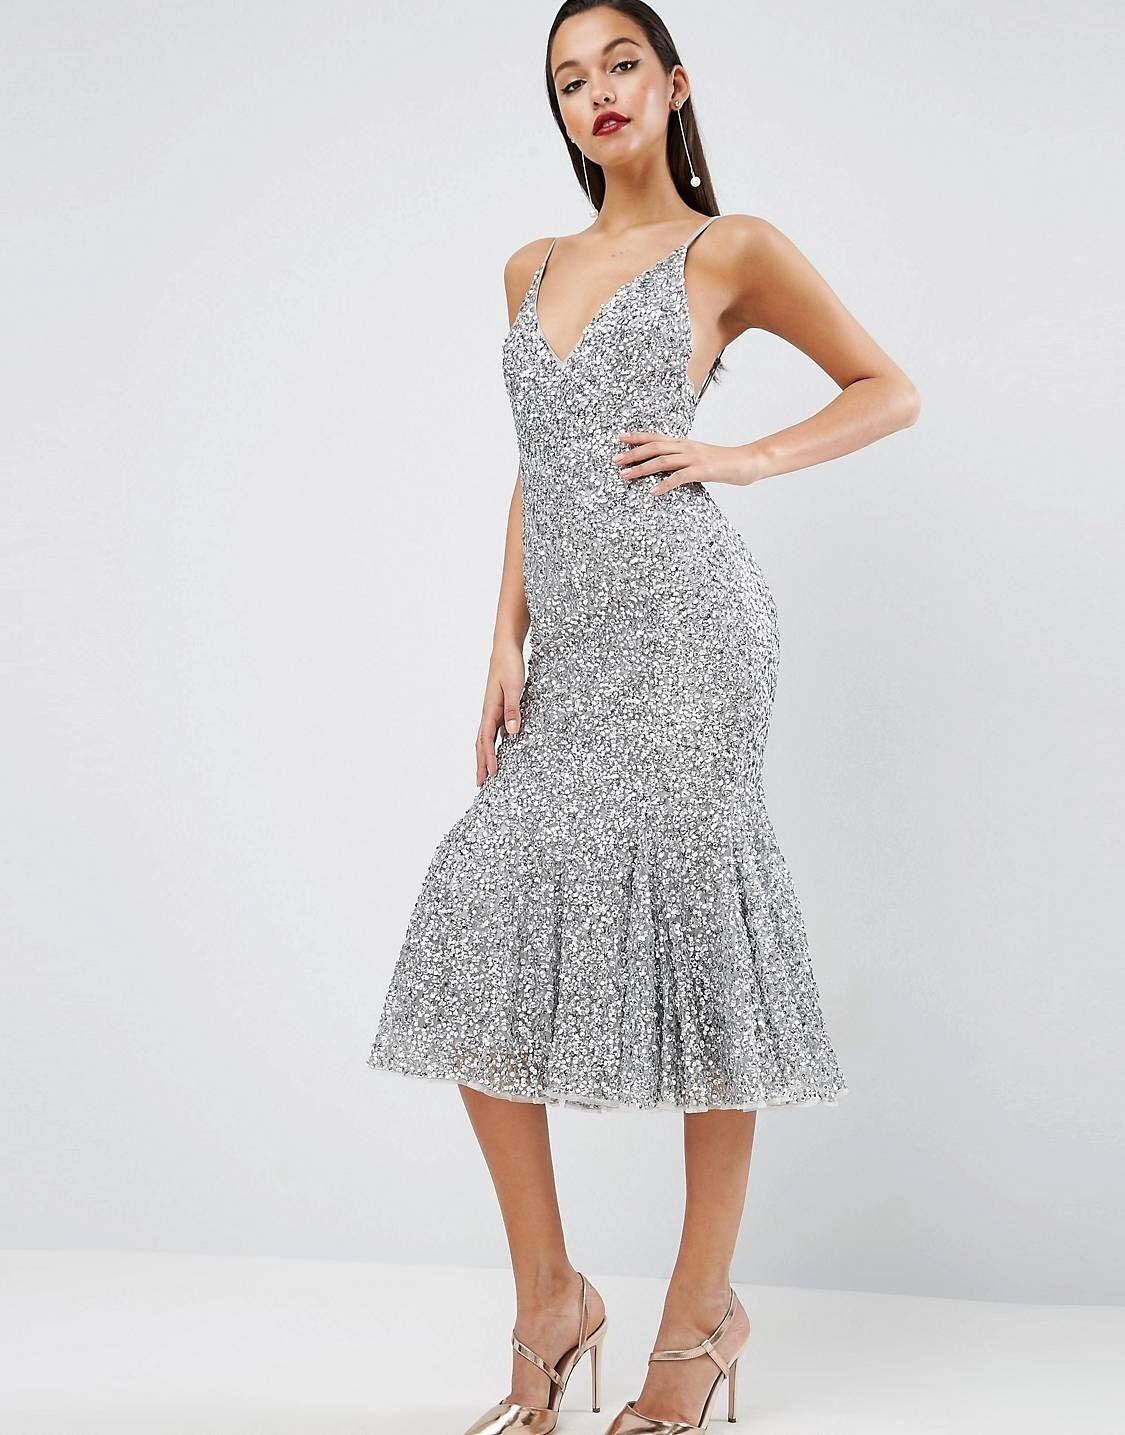 13 Genial Schöne Kleider Für Anlässe Spezialgebiet20 Schön Schöne Kleider Für Anlässe Stylish